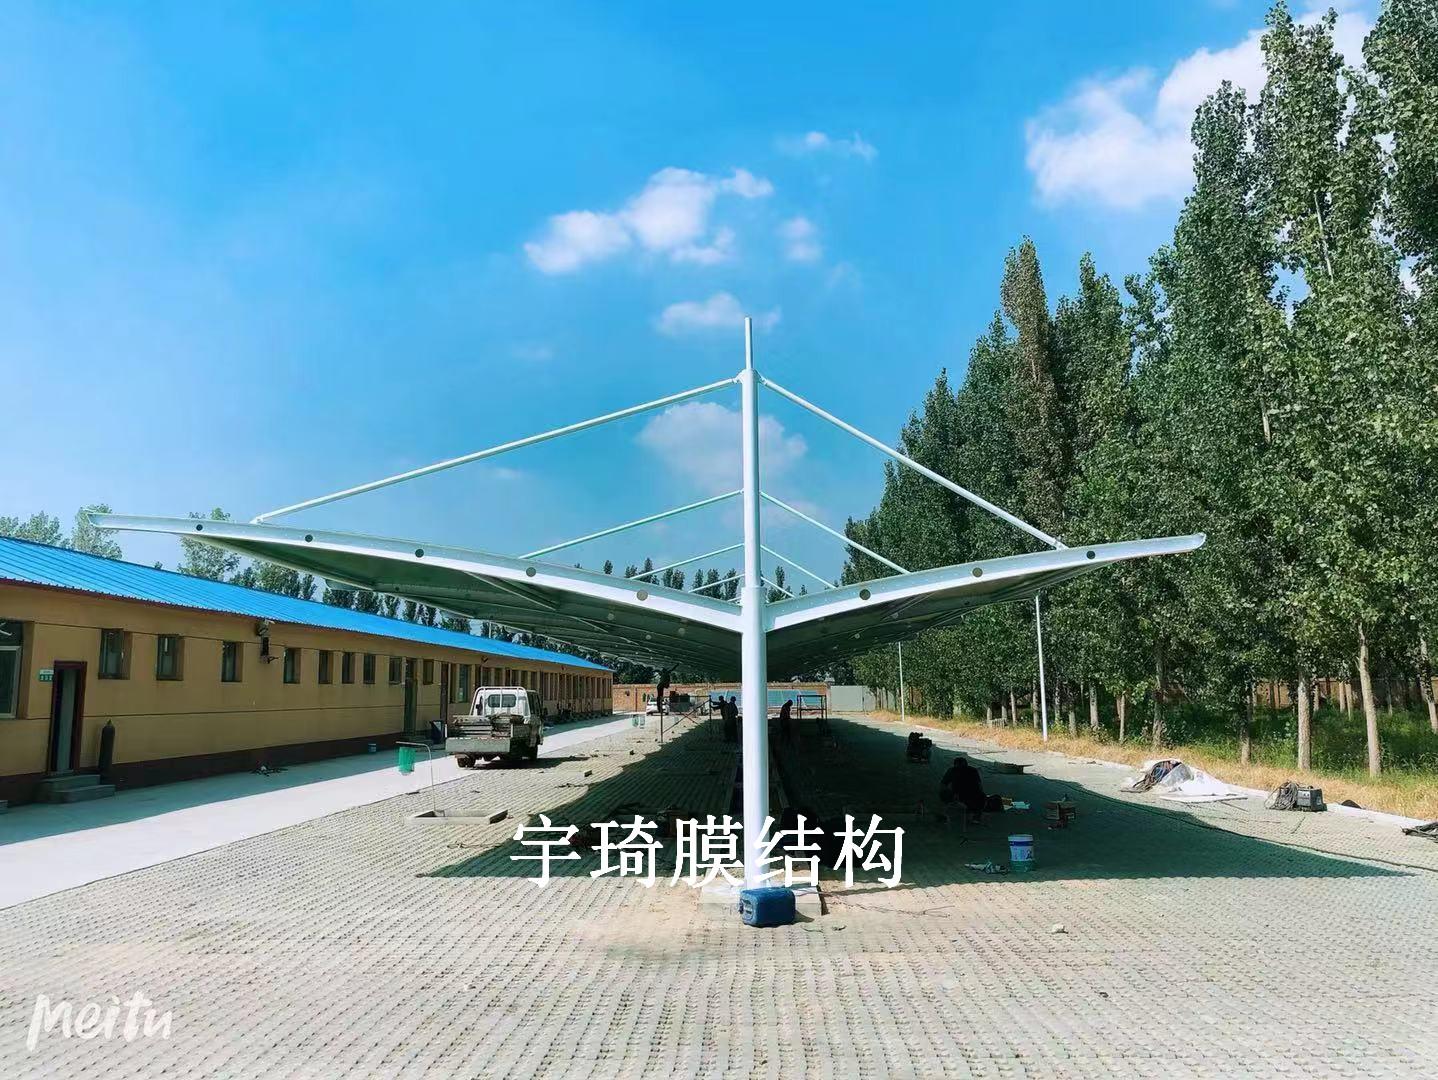 峪口禽业国企首农单位膜结构停车棚